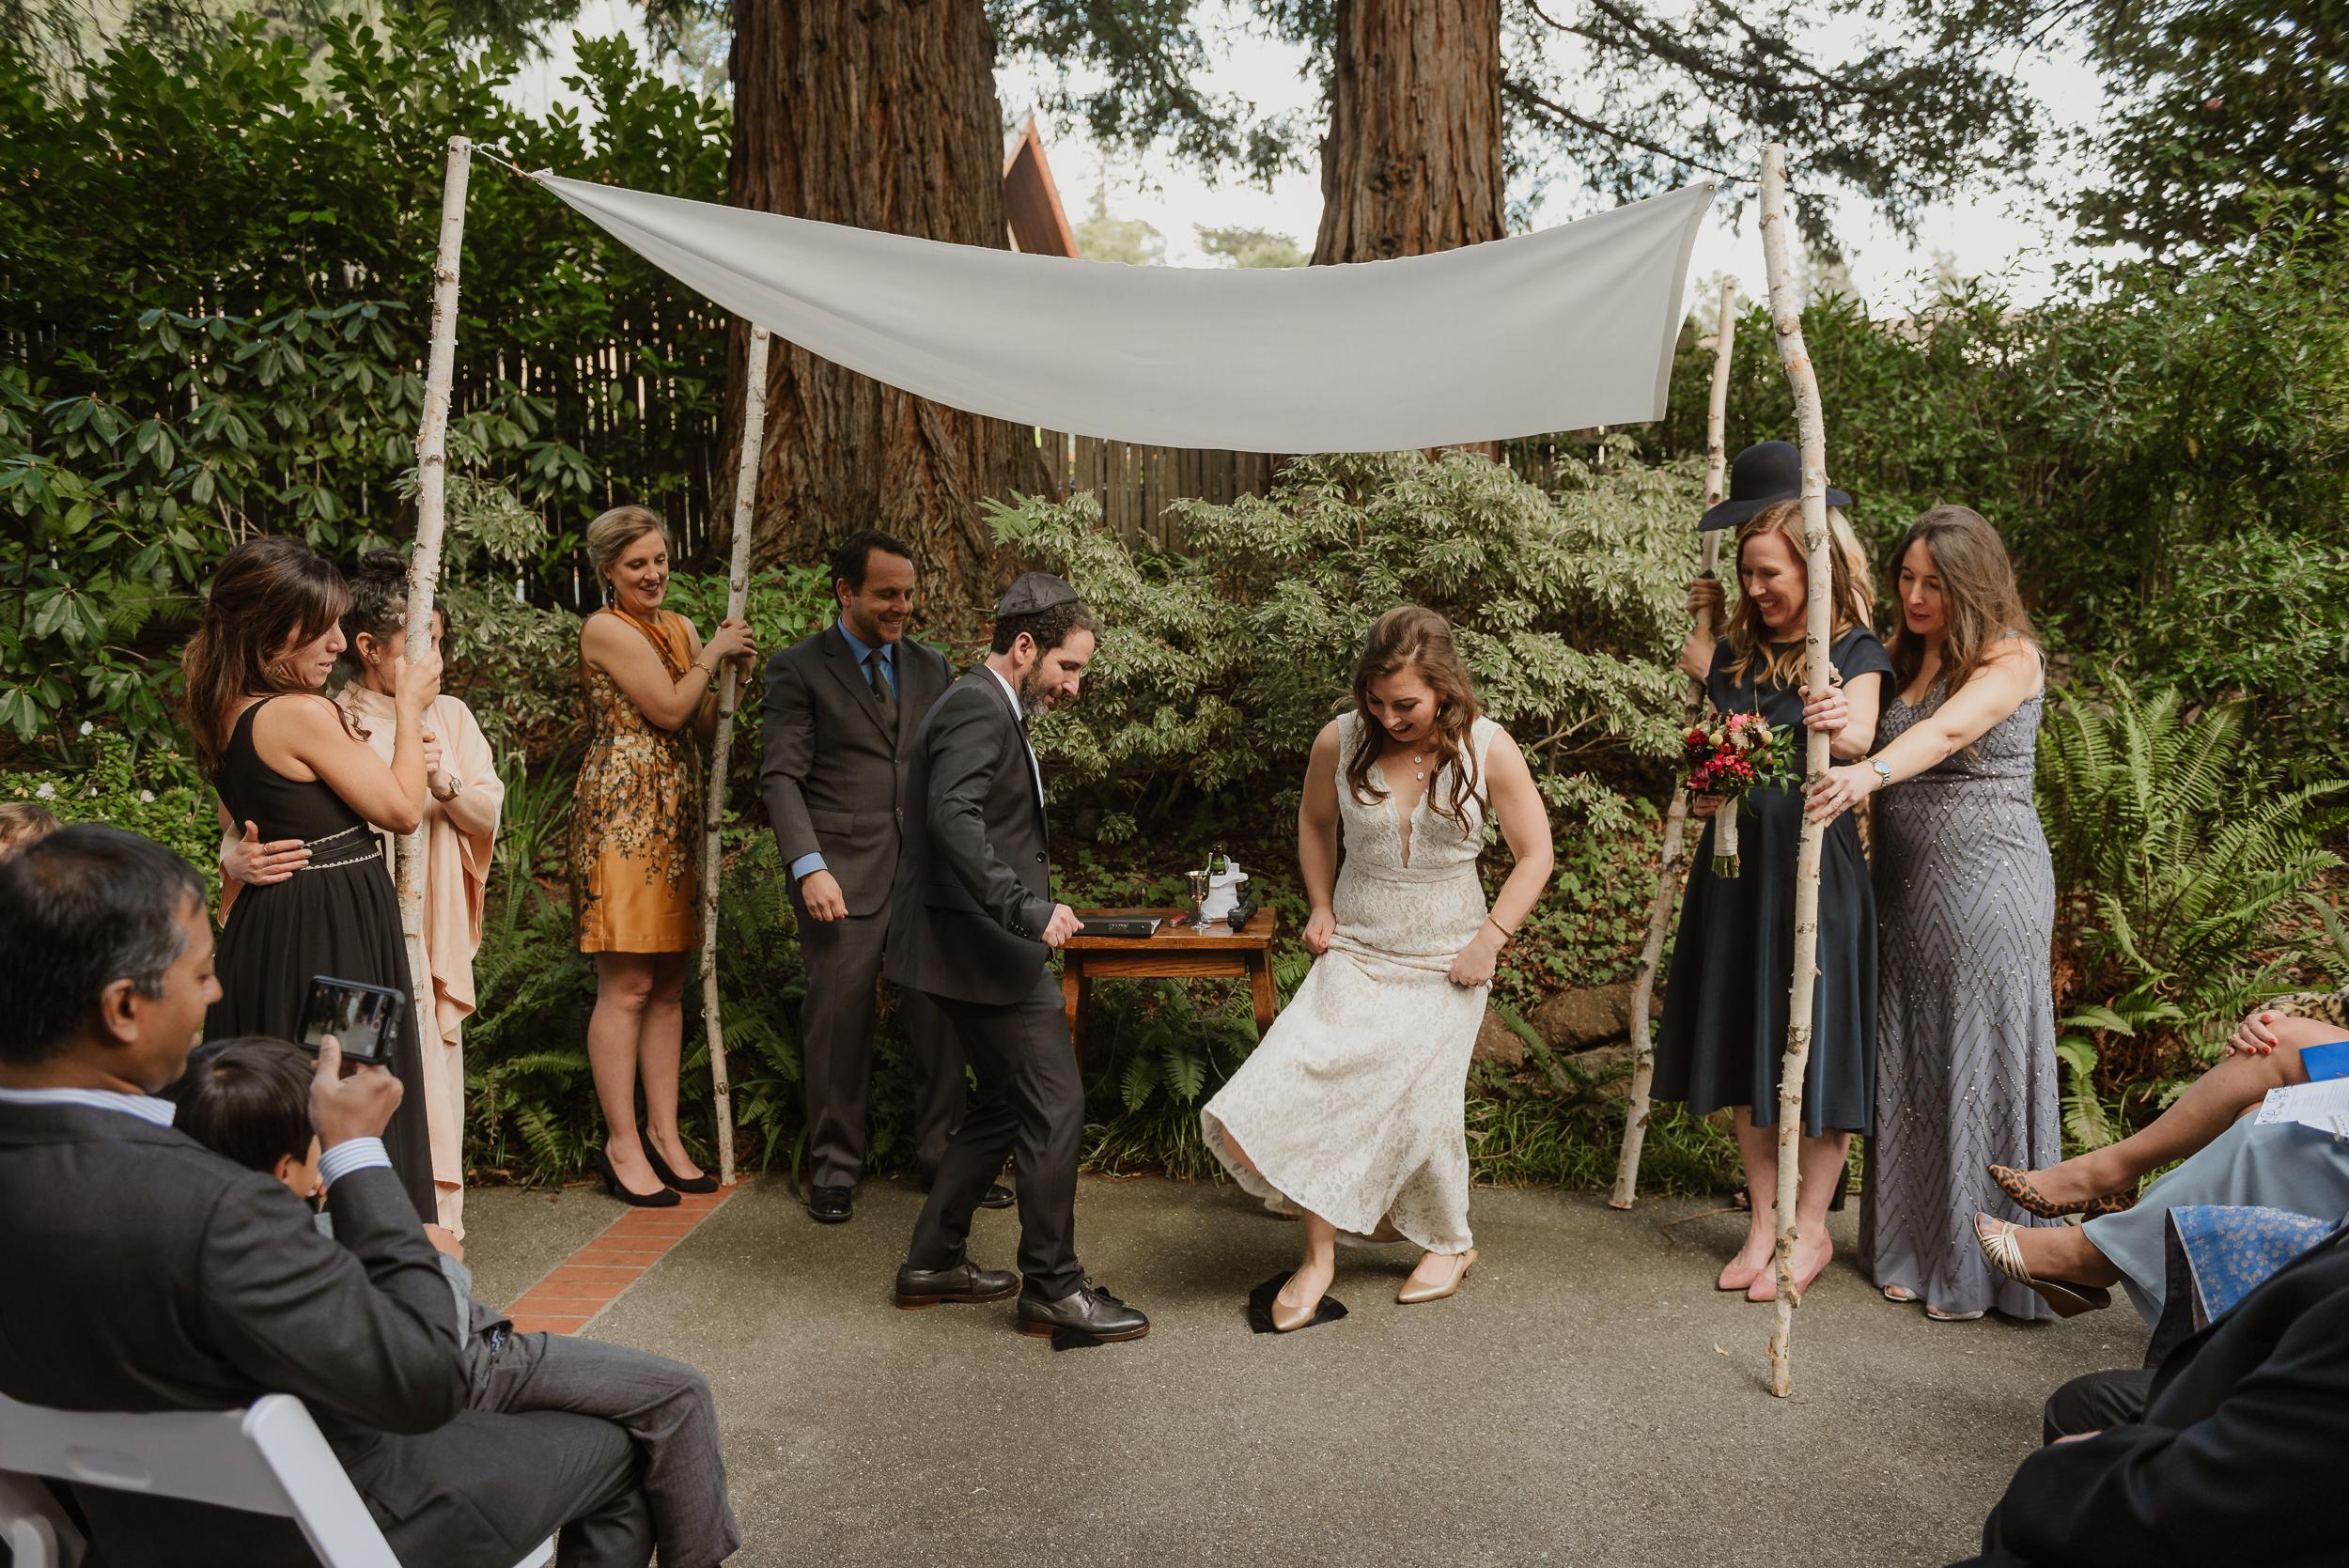 044winter-mill-valley-wedding-outdoor-art-club-wedding-vivianchen-218.jpg